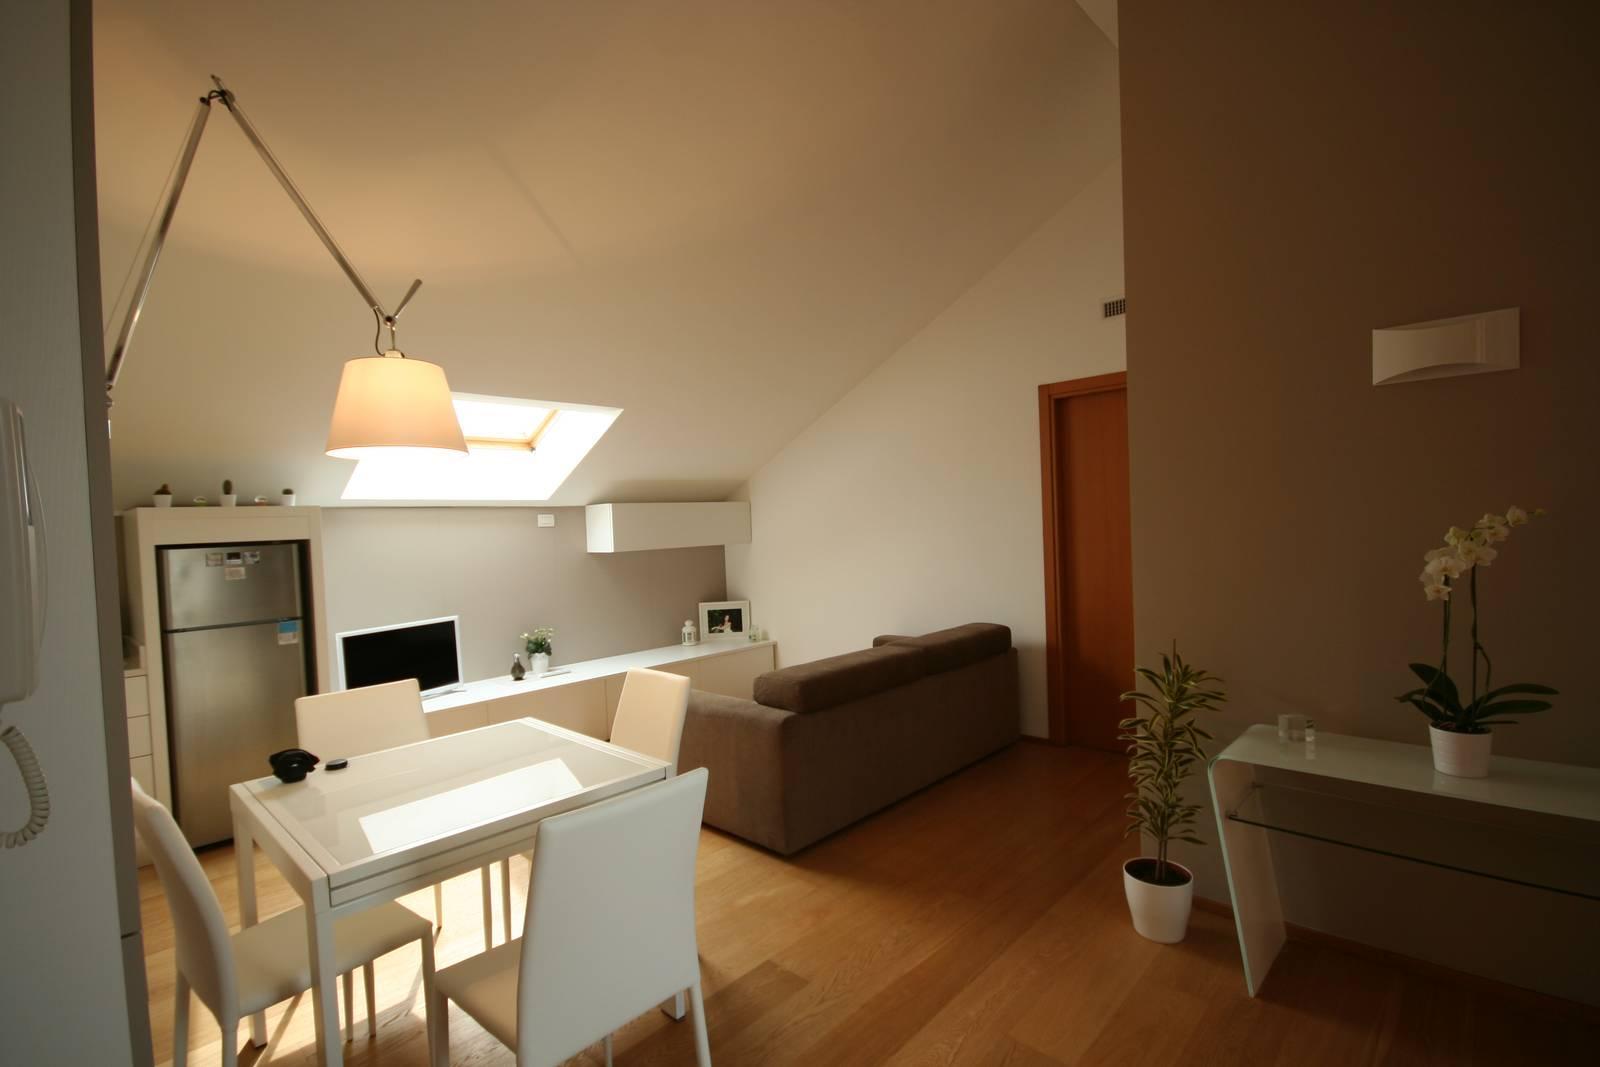 Arredare La Mansarda Con Soluzioni Pratiche Ed Eleganti Cose Di Casa